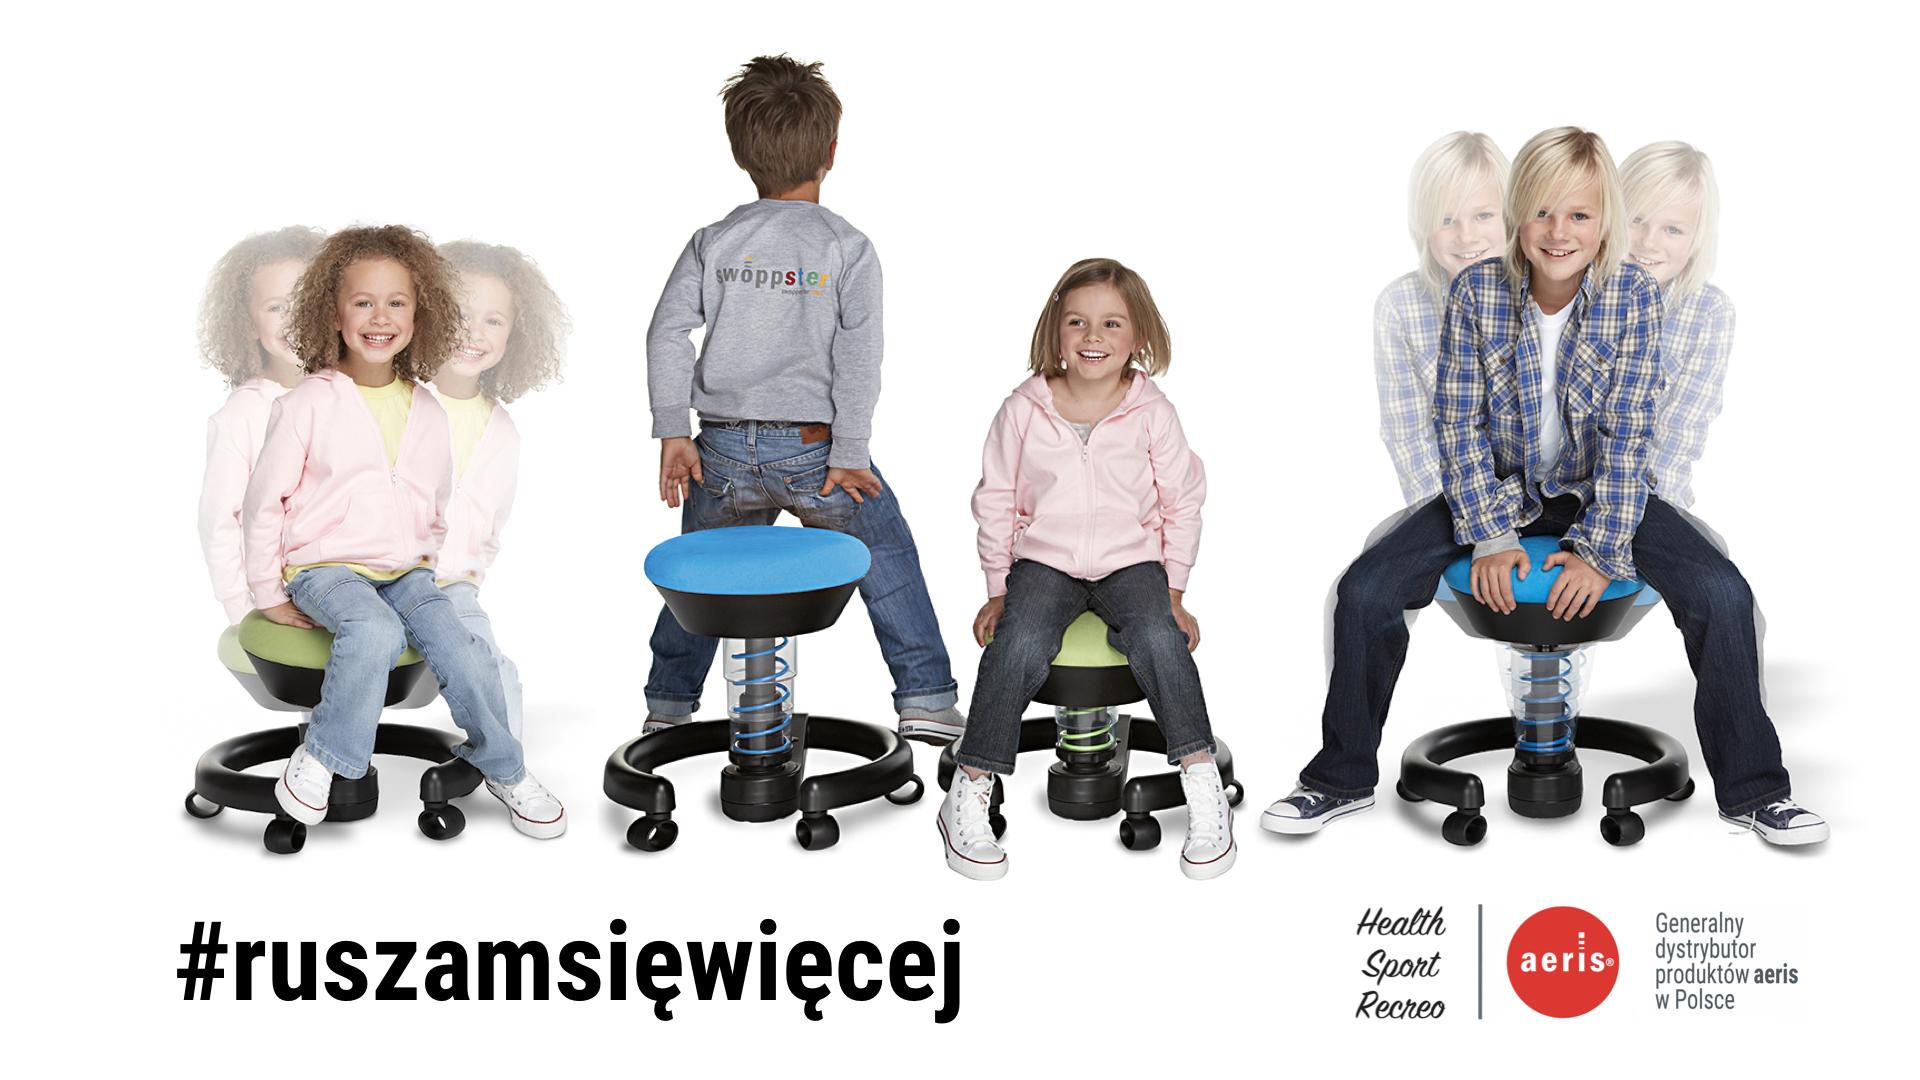 krzesło do biurka dla dziecka - swoppster